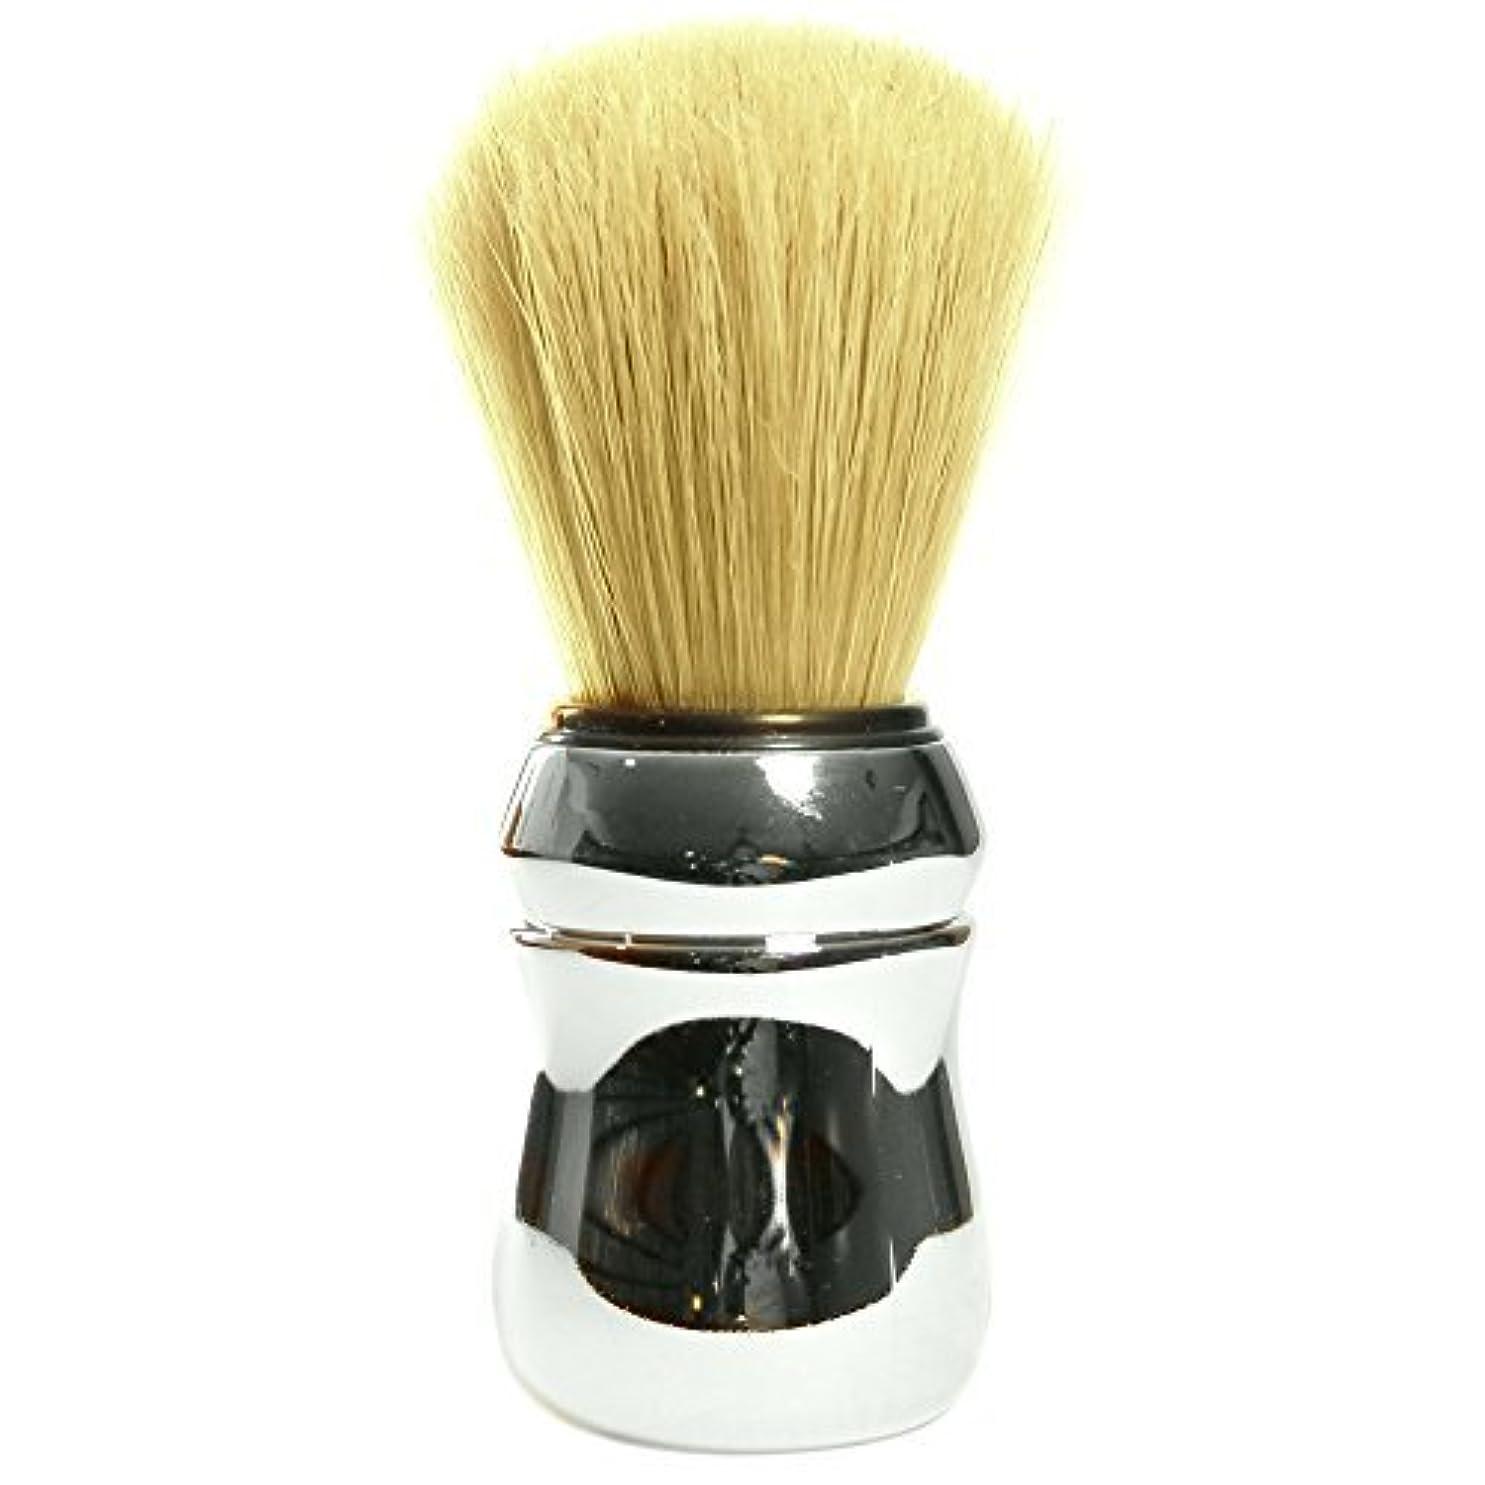 郵便物所持代替Proraso Professional Boar Hair Shaving Brush by Proraso